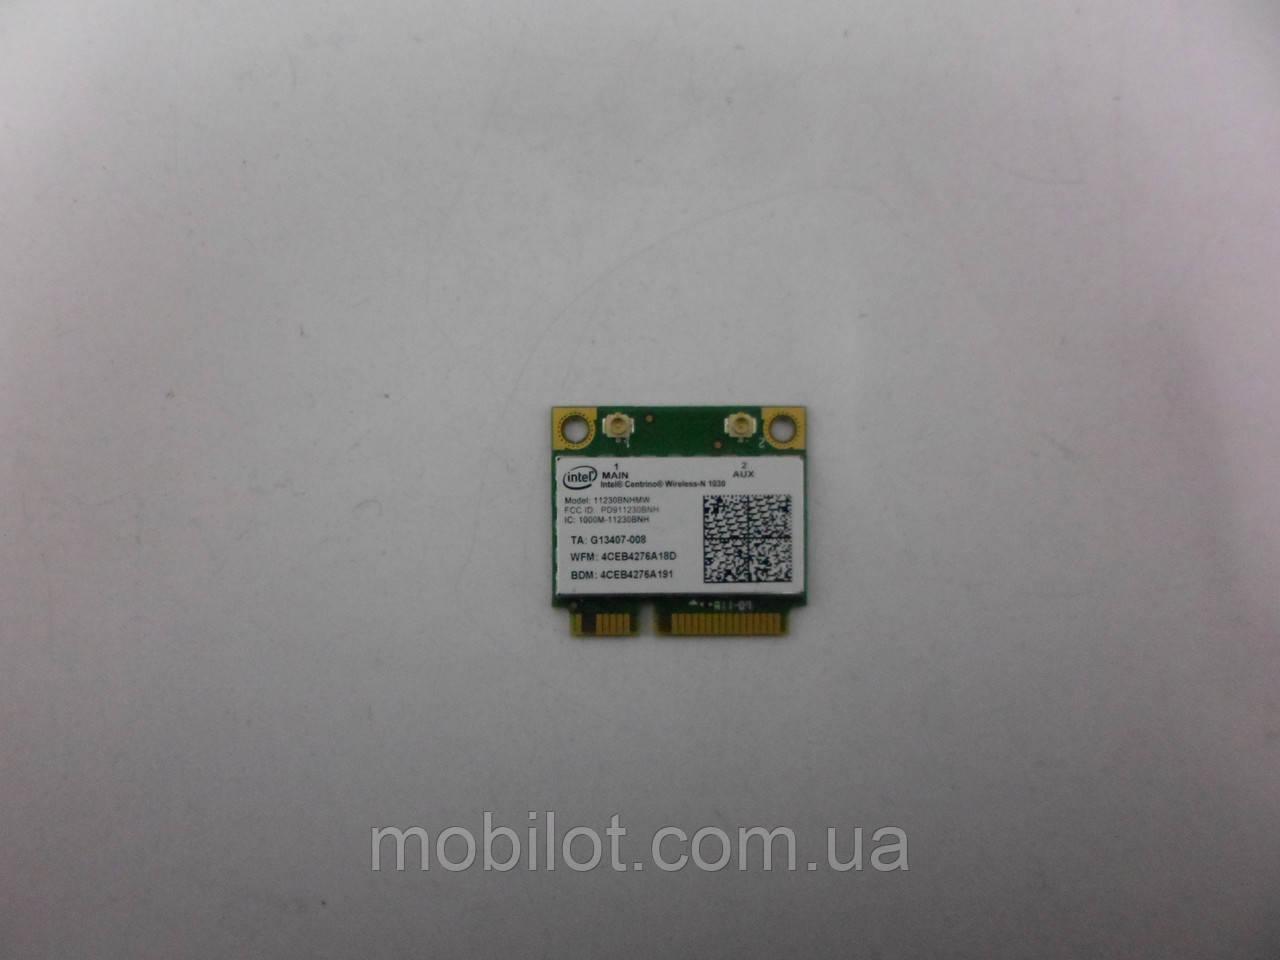 Wi-Fi модуль Fujitsu AH531 (NZ-8064)